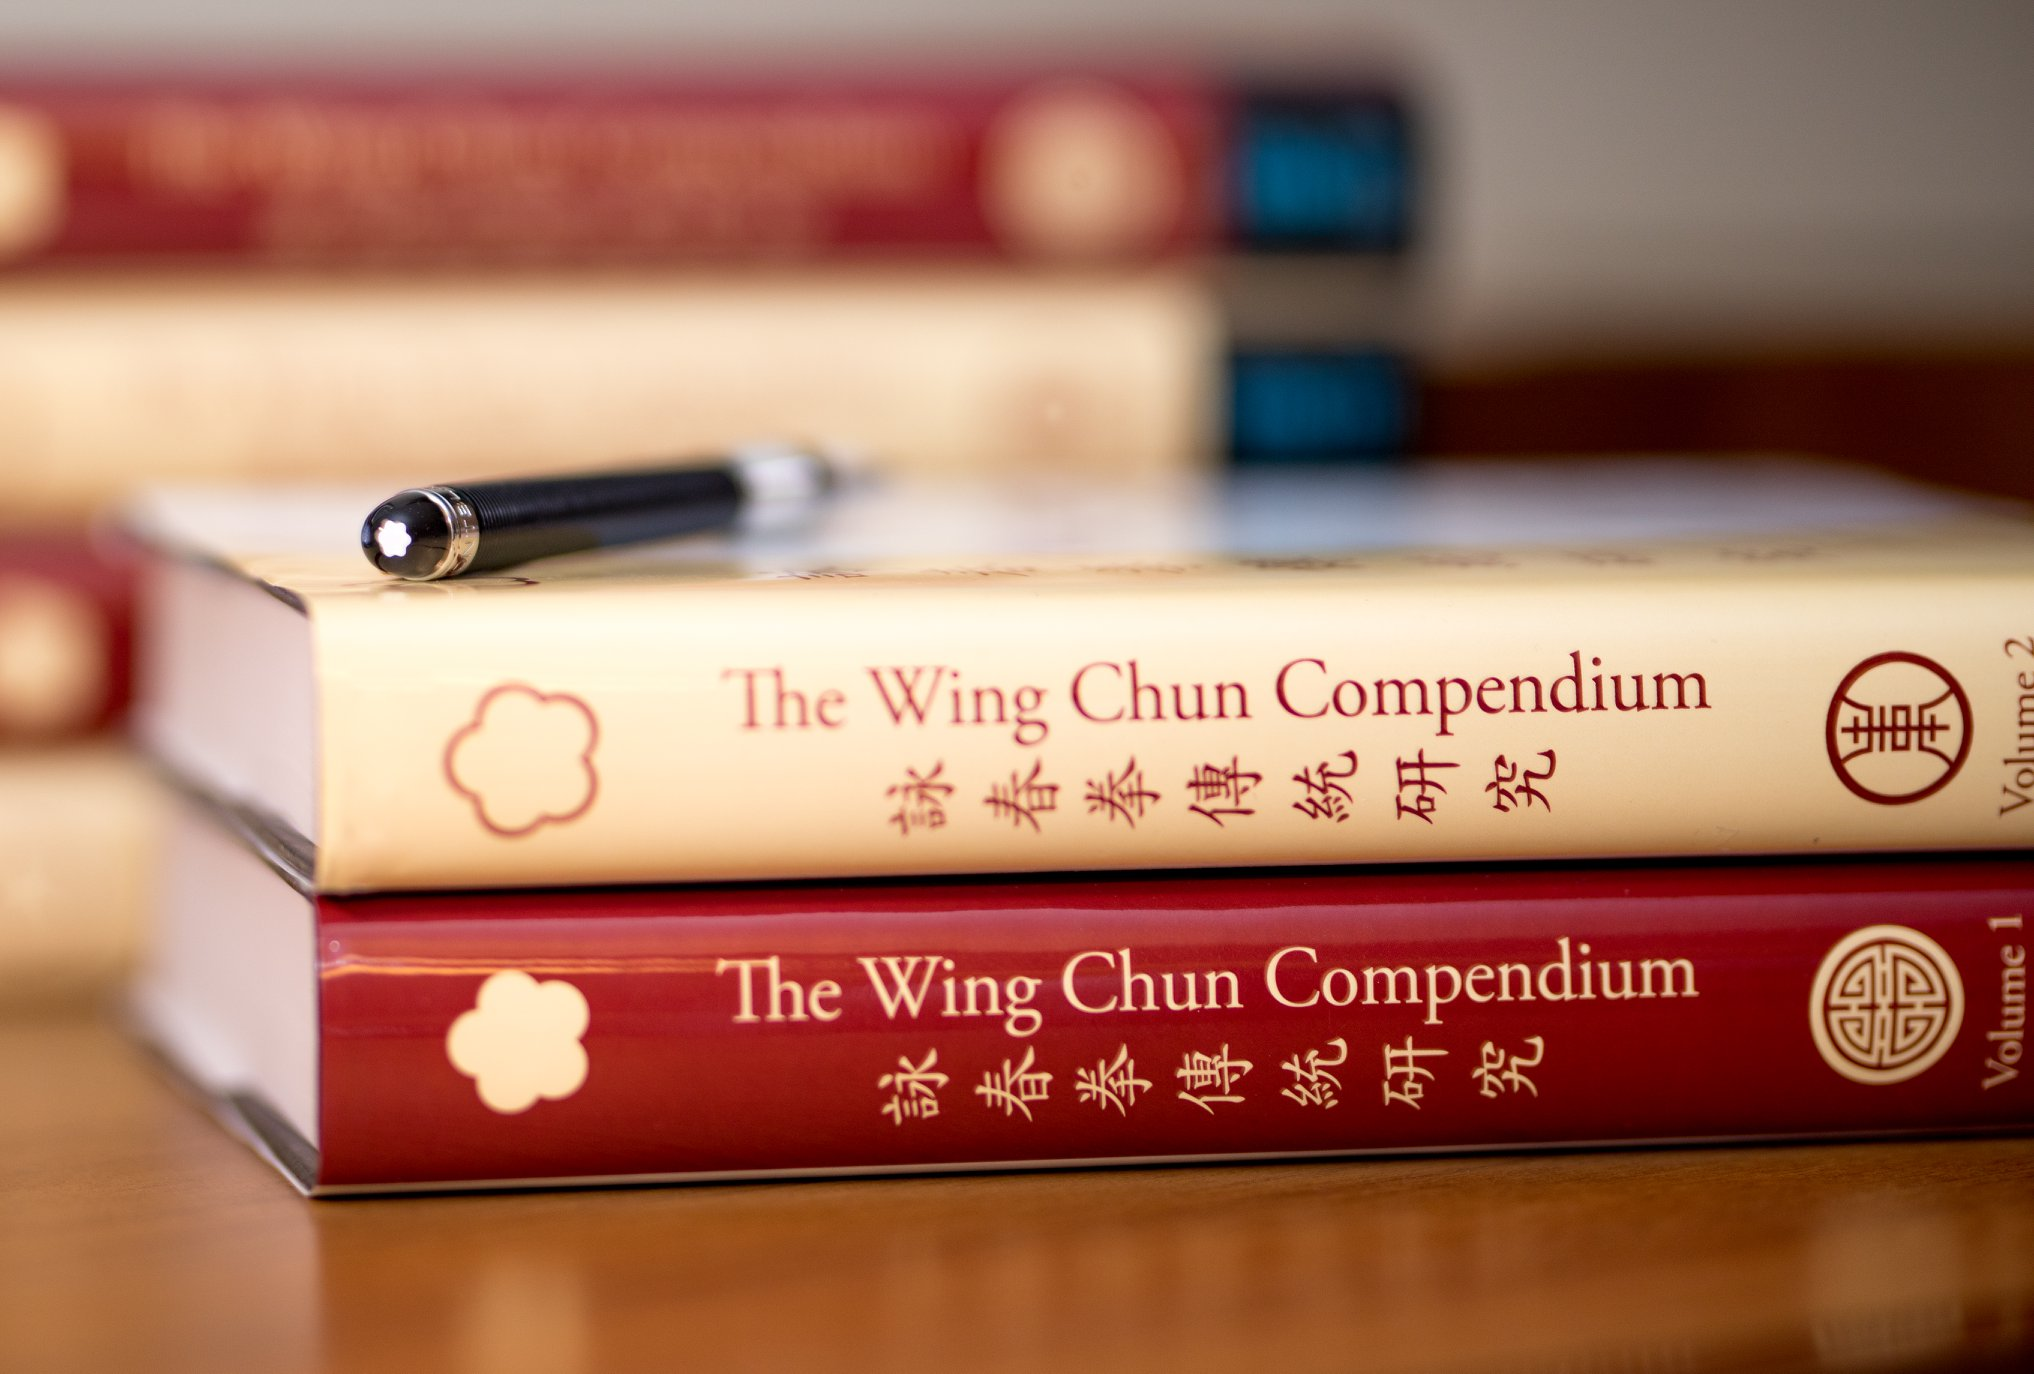 Wing Chun Compendium